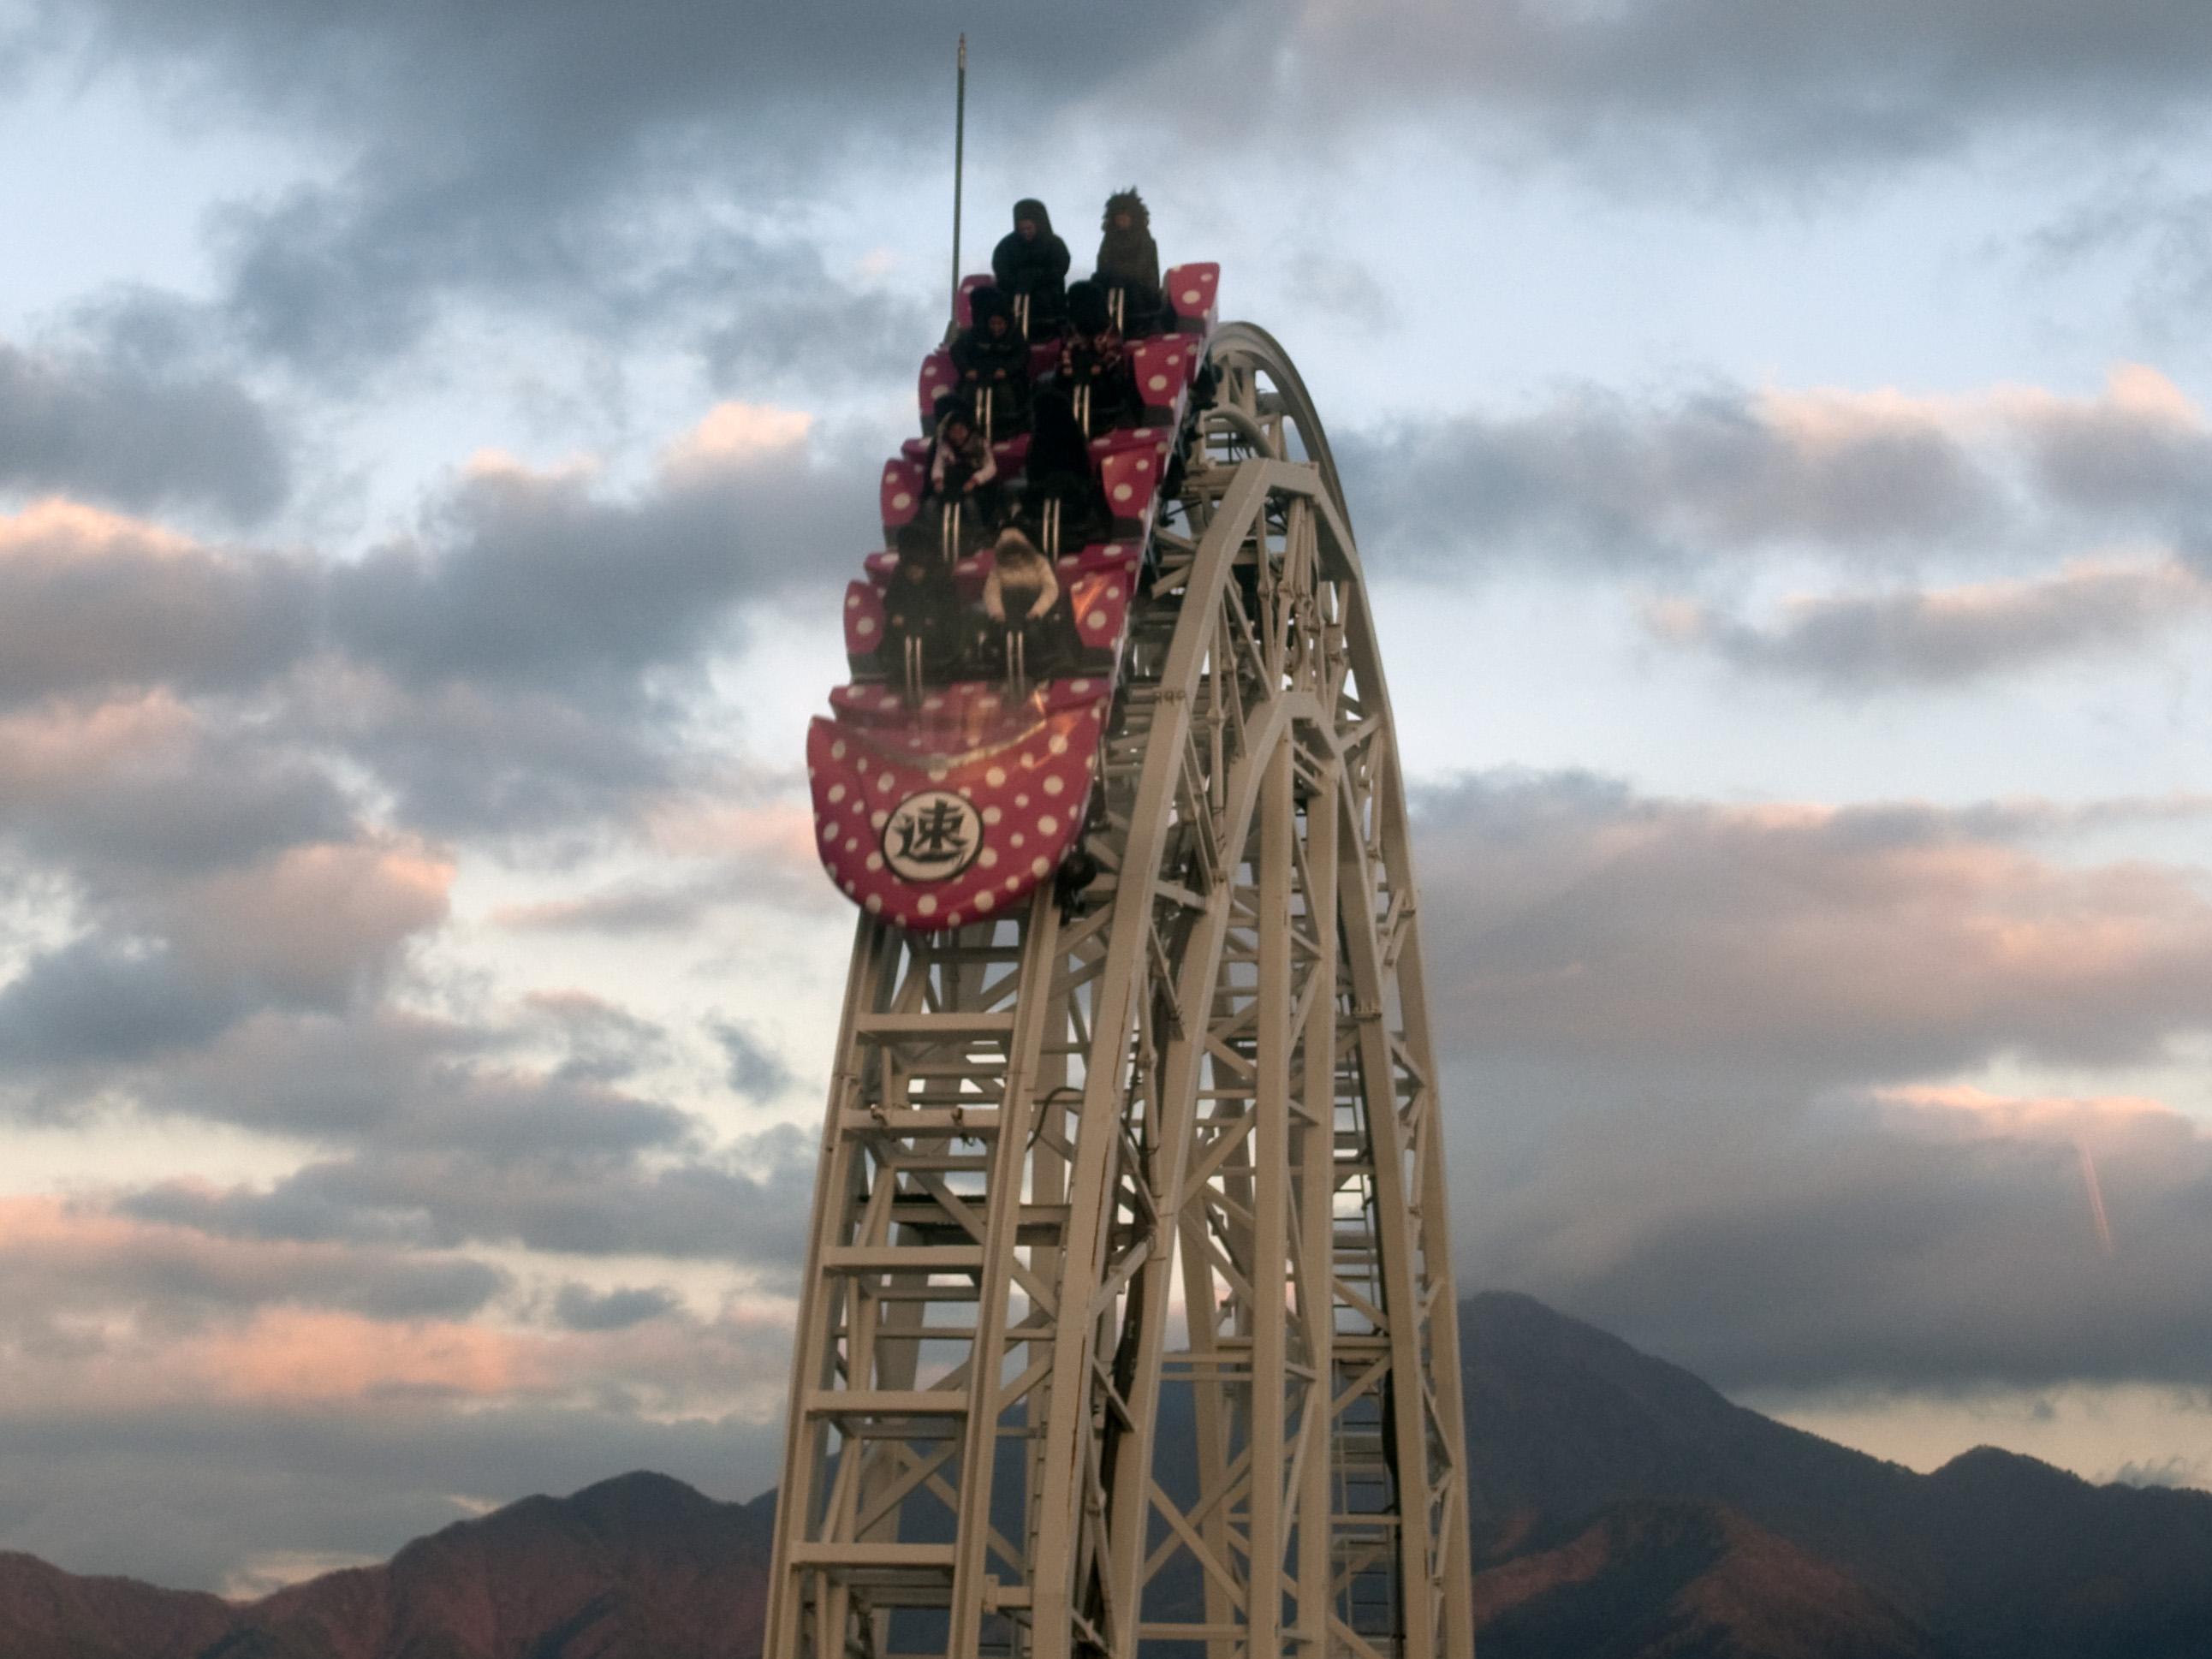 Dodonpa roller coaster in 2009